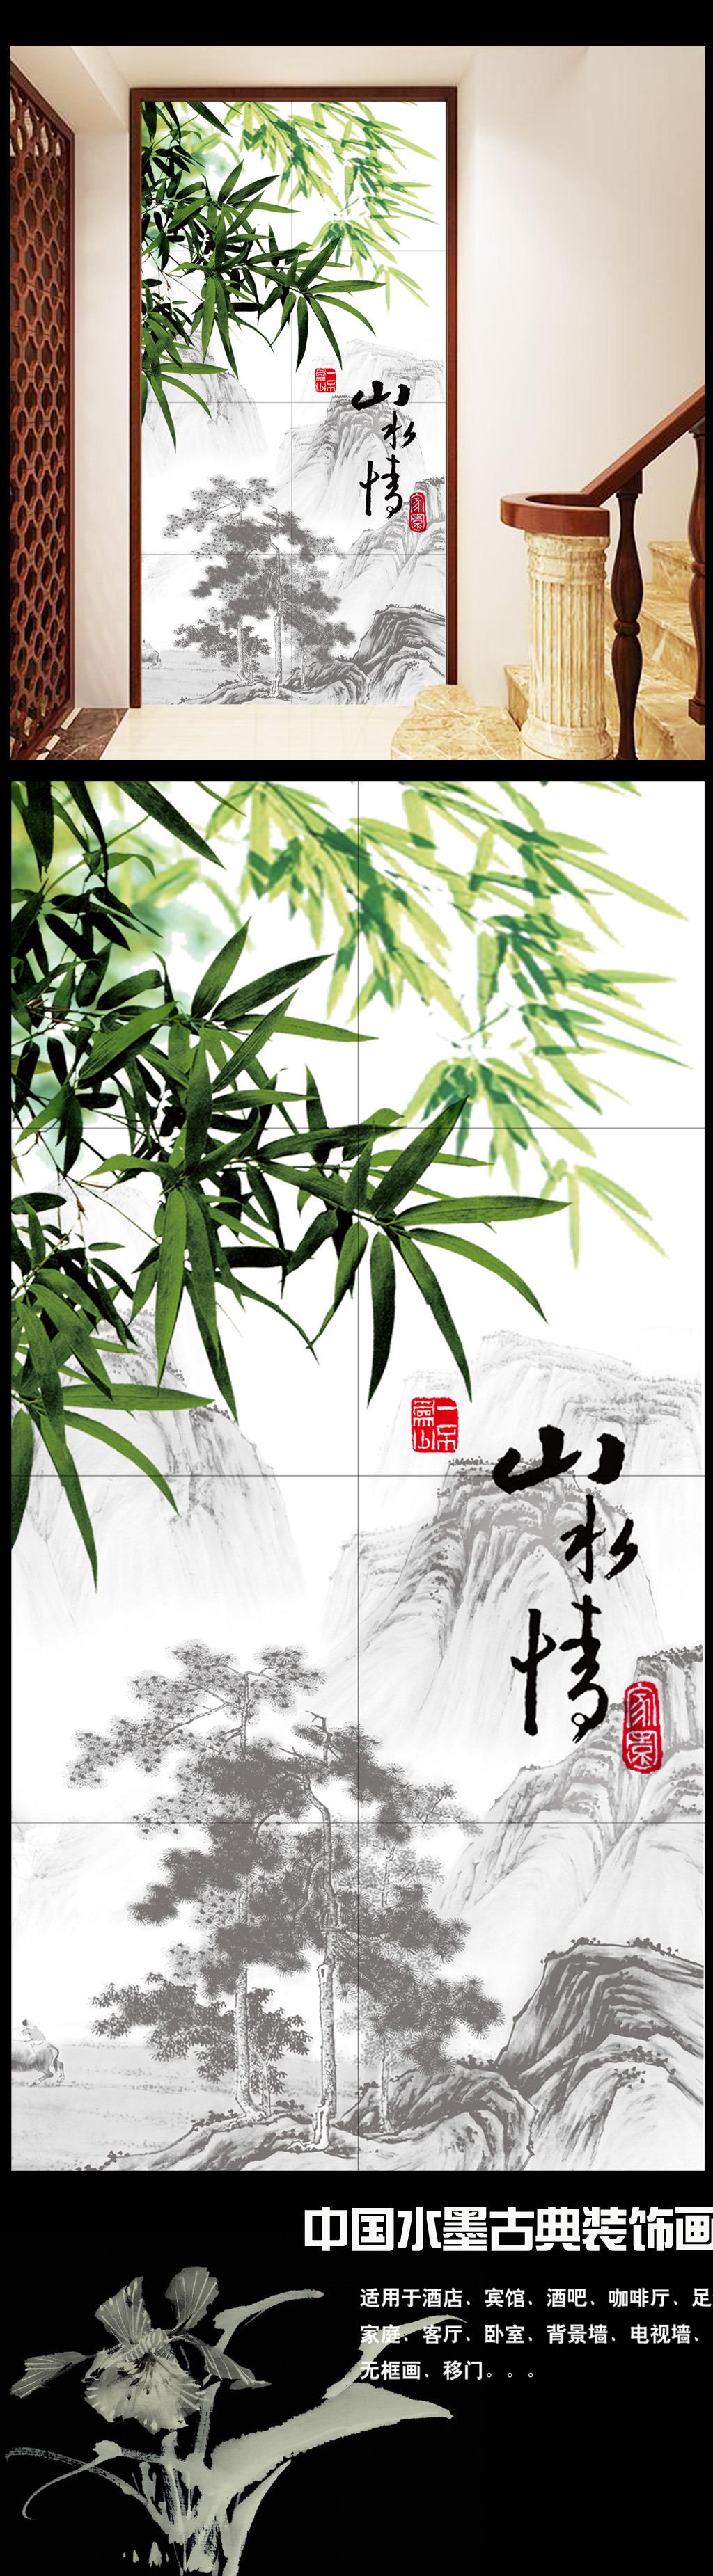 中式古典风格山水竹子水墨画玄关背景墙图片